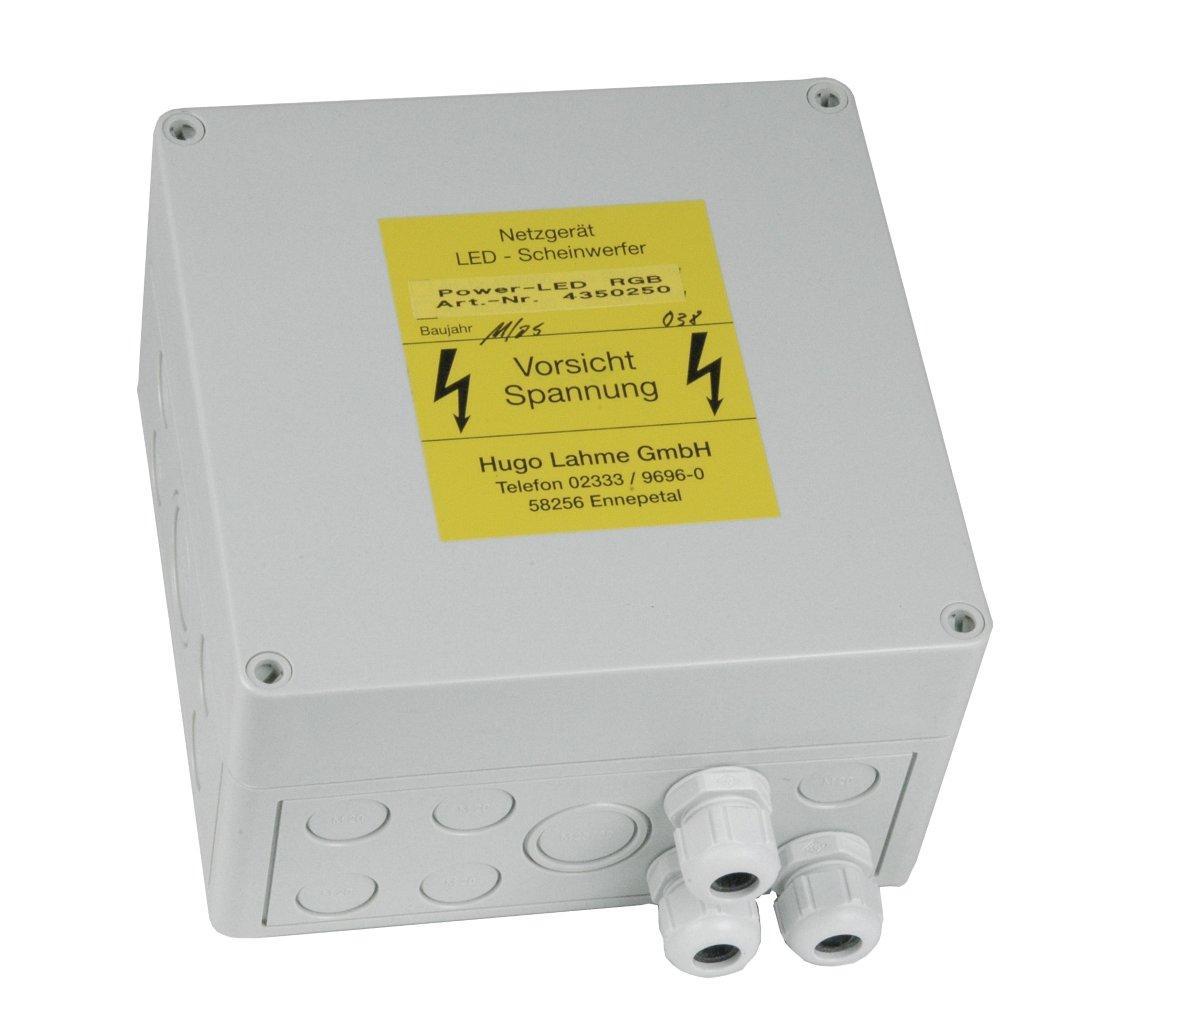 Hlavní zdroj pro 1 LED barevné RGB světlo 24 x 3 W – řídící jednotka